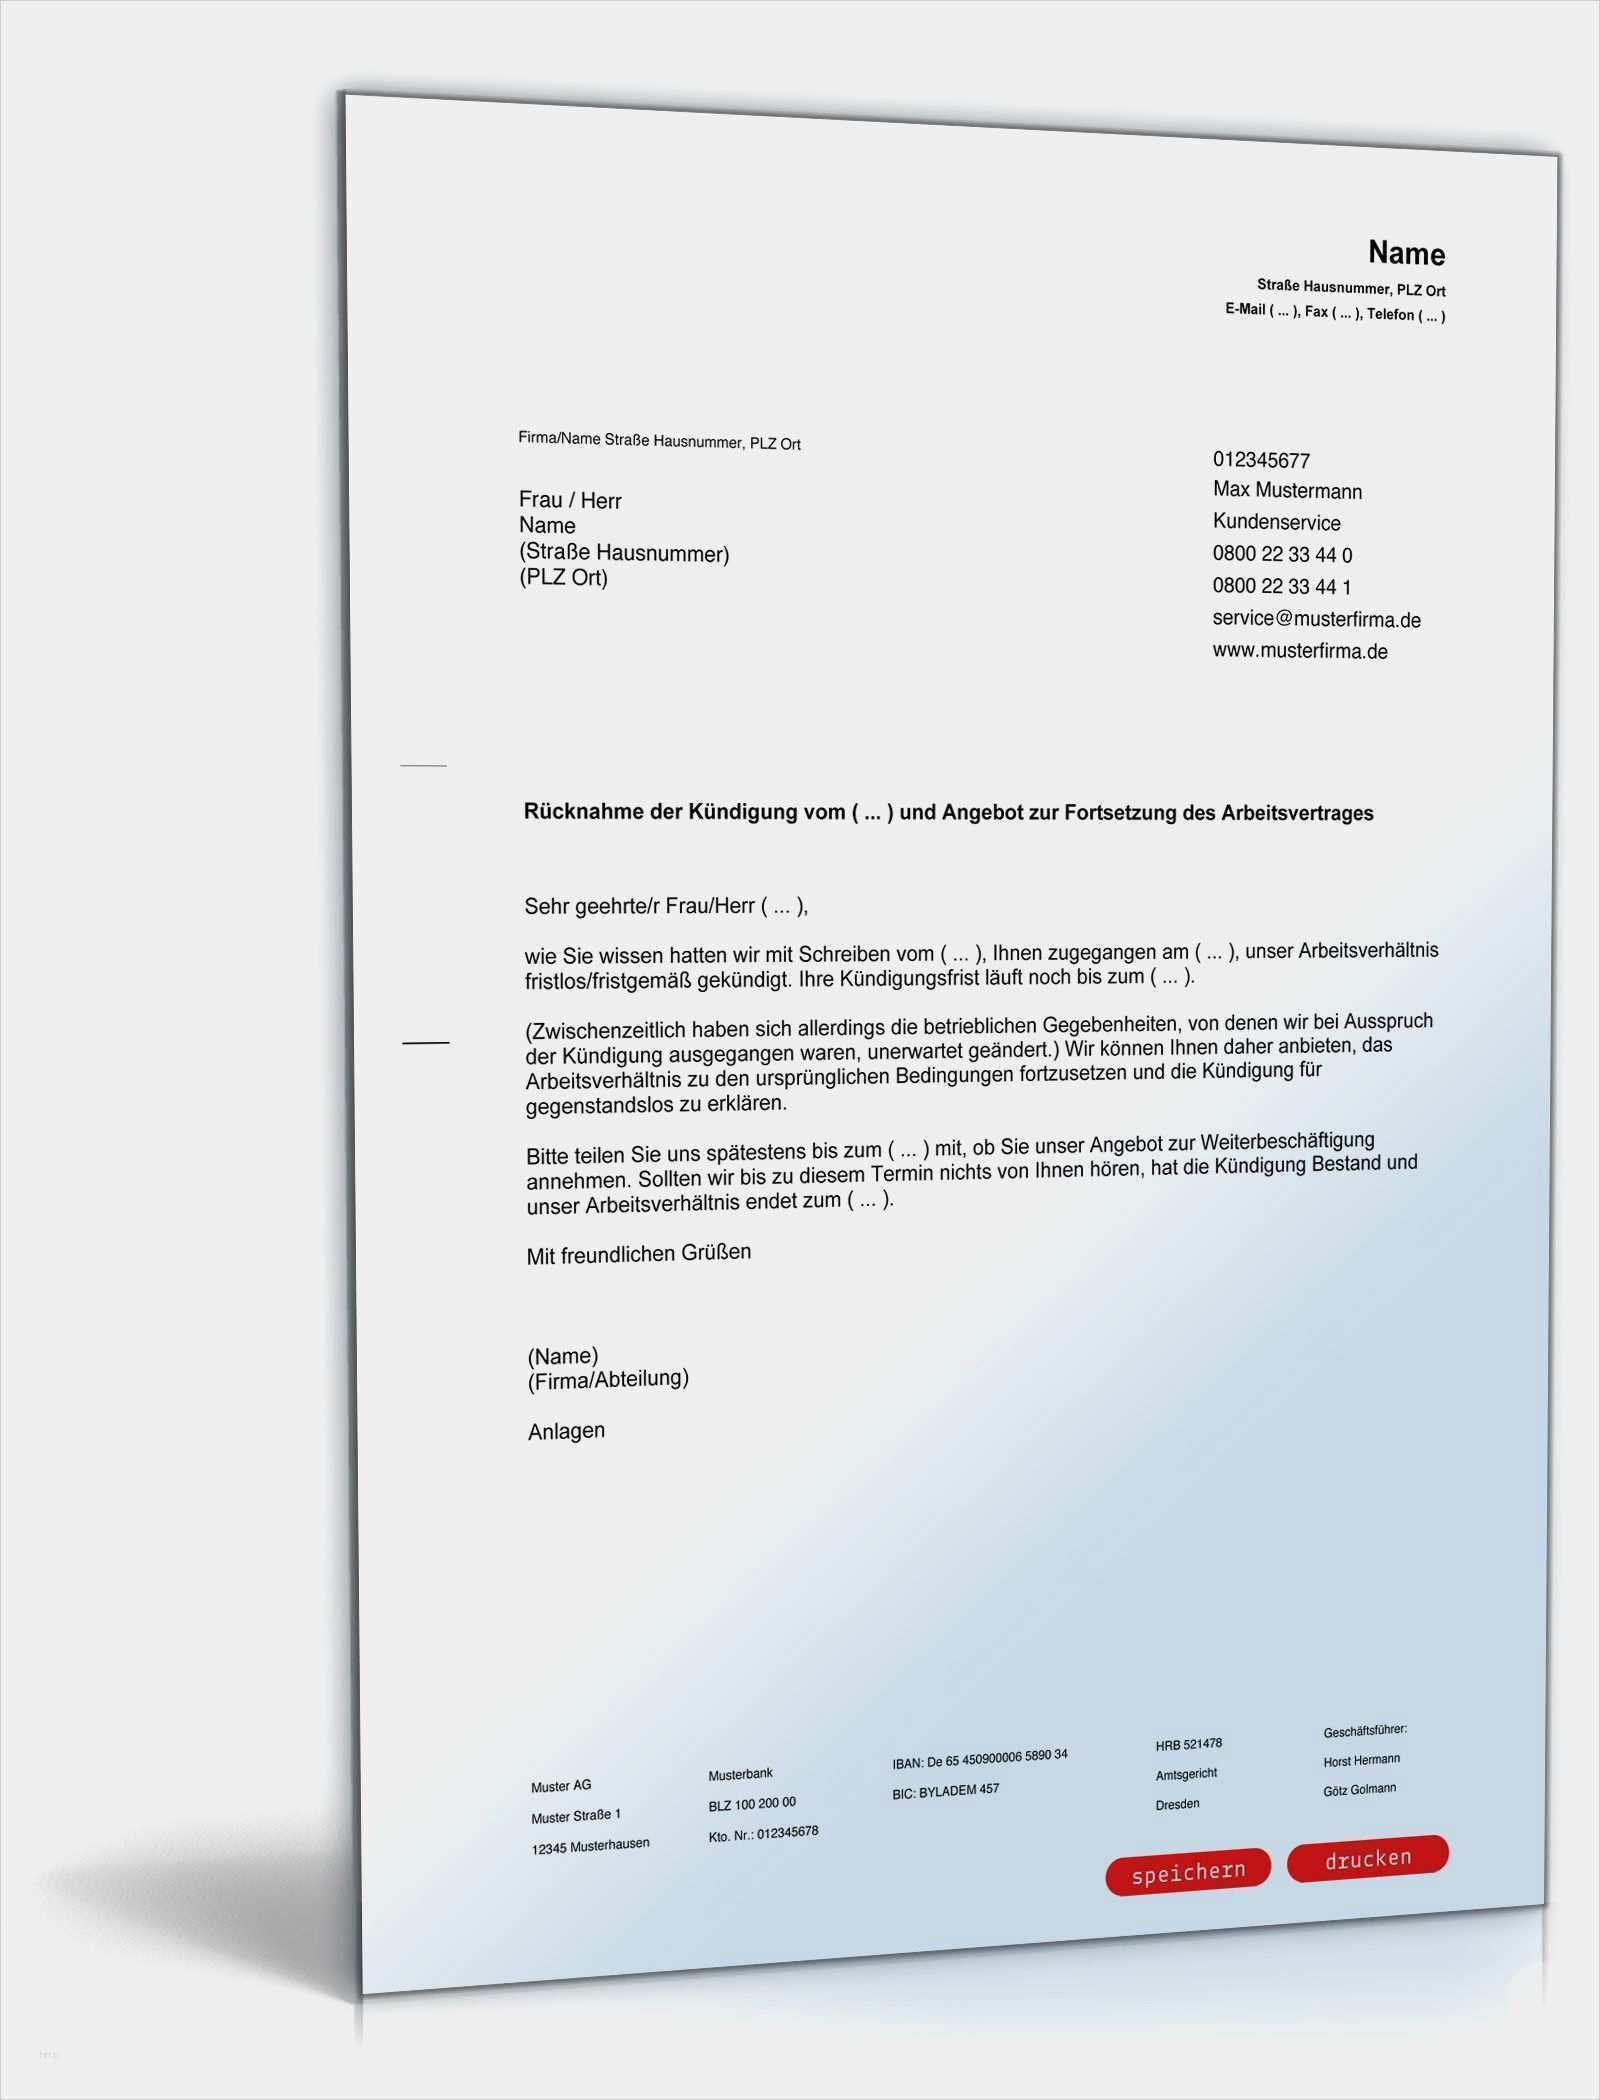 31 Neu Arbeitsvertrag Vorlage Pdf Galerie In 2020 Rechnung Vorlage Vorlagen Lebenslauf